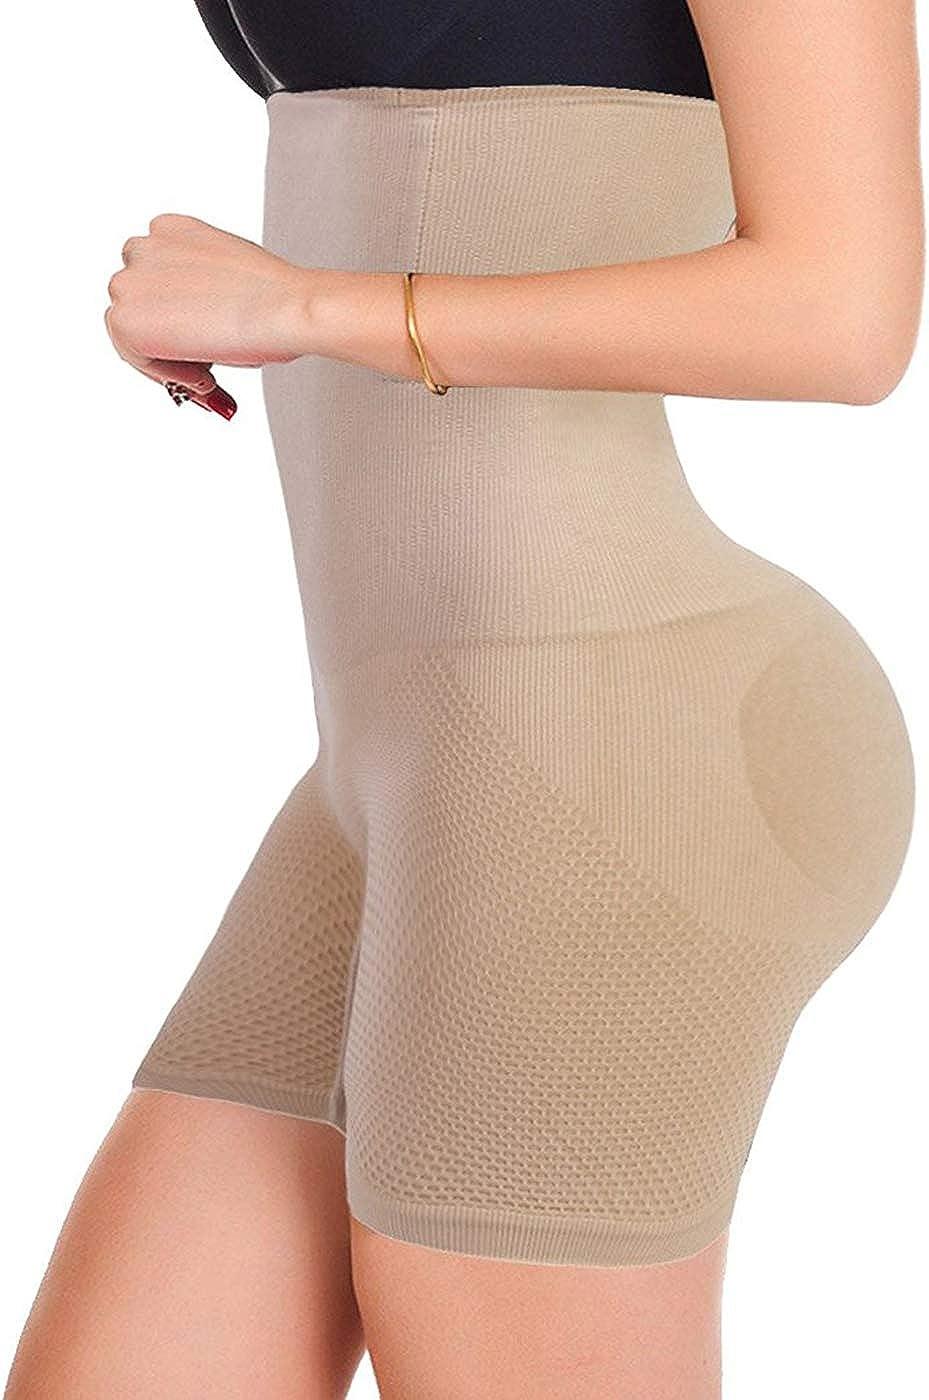 FUT Womens High Waist Cincher Trainer Panties Butt Lifter Body Shaper Tummy Control Shorts